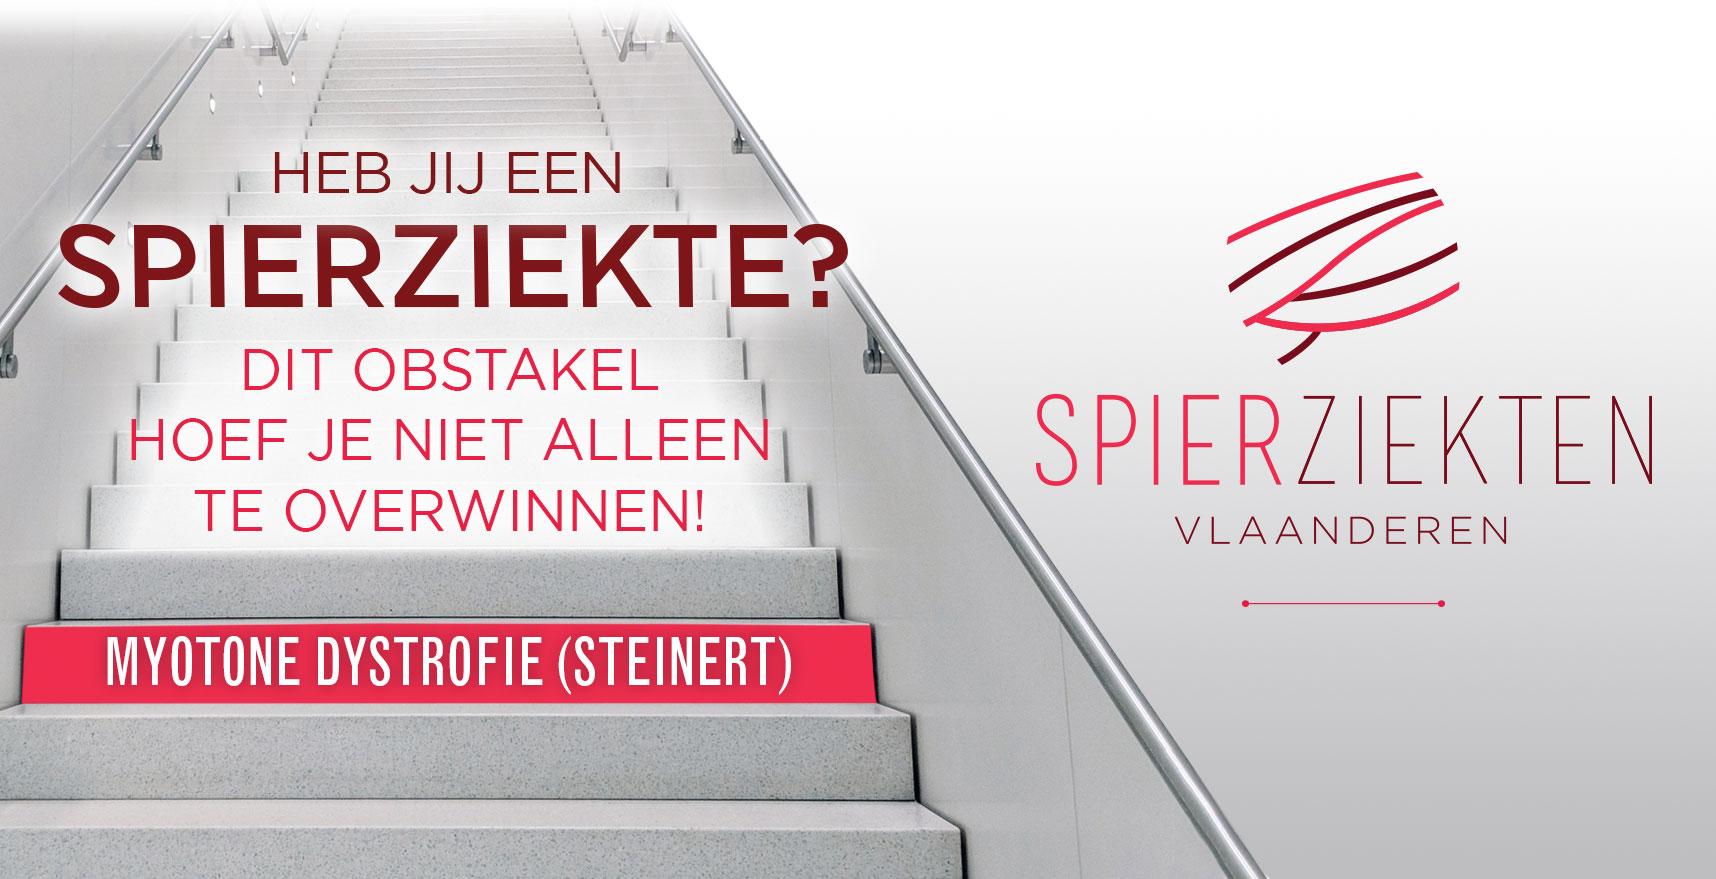 Spierzwakte_Steinert-300x290 Ziekte van Steinert (myotone dystrofie, MD)